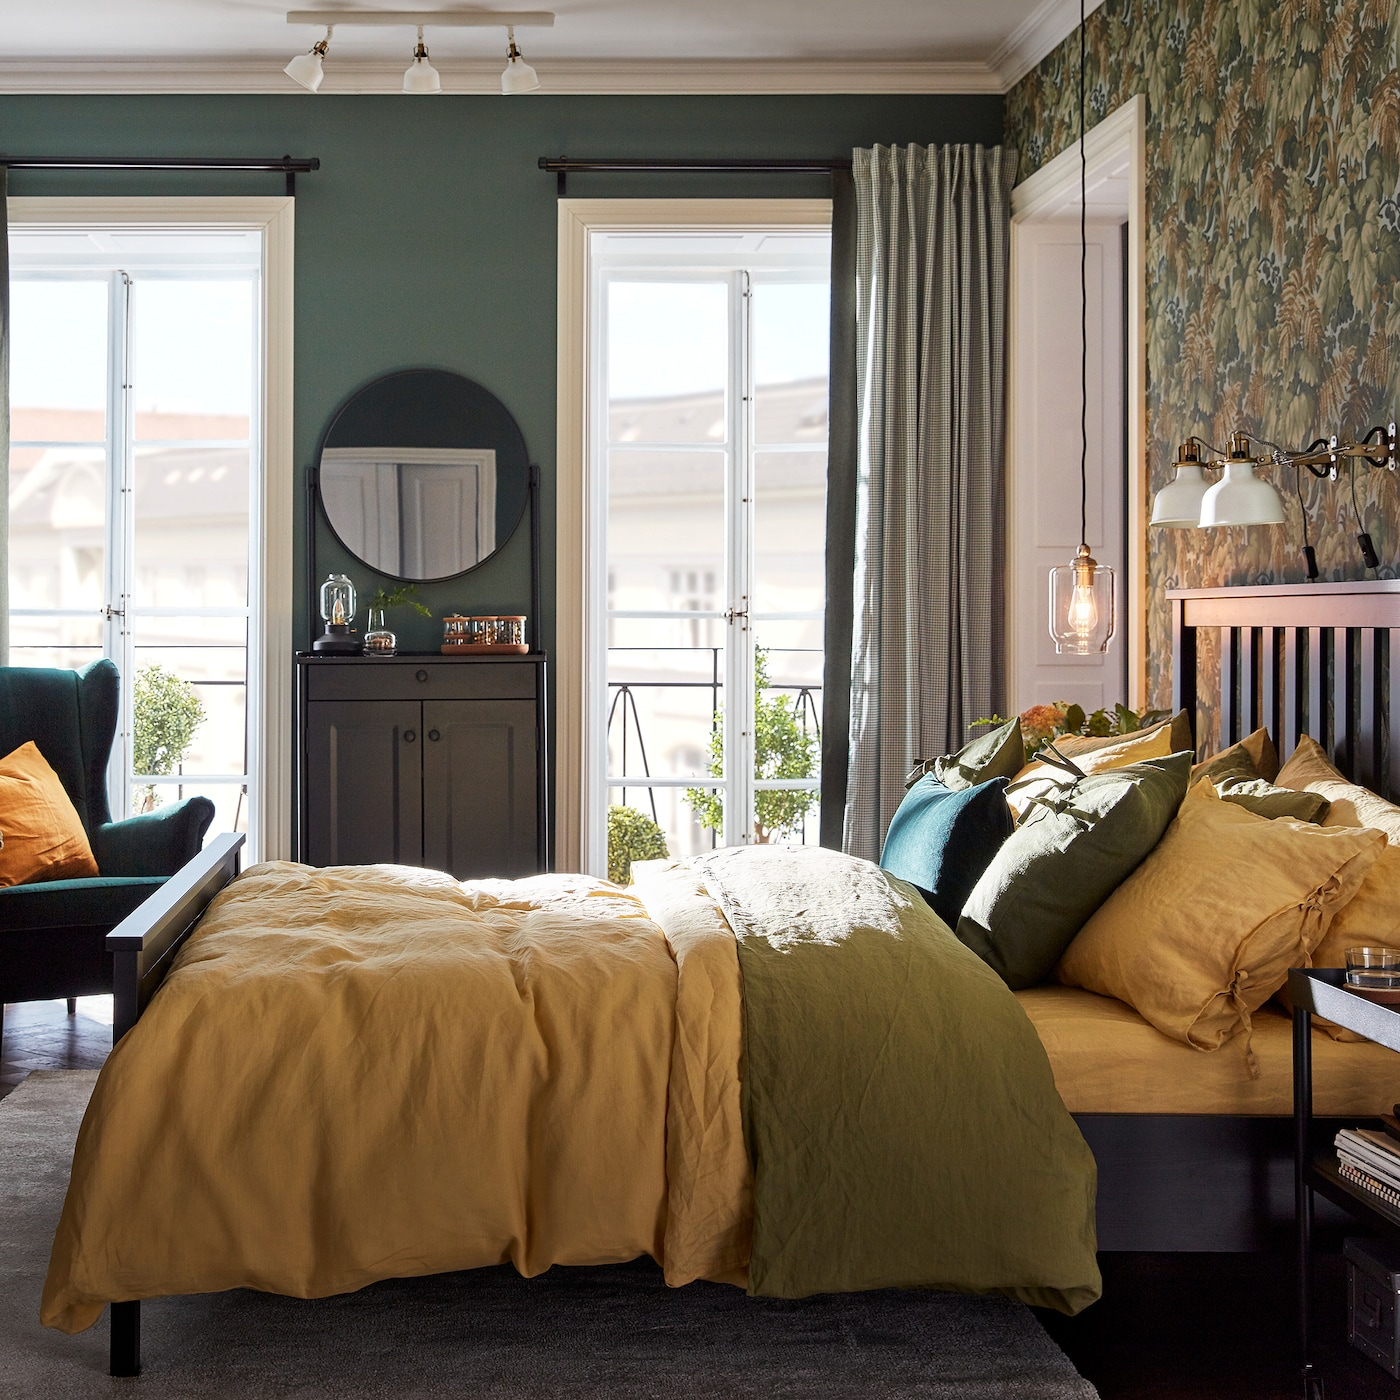 Hálószoba, ággyal, zöld és sárga ágyneművel, tükrös szekrénnyel és zöld füles fotellel.